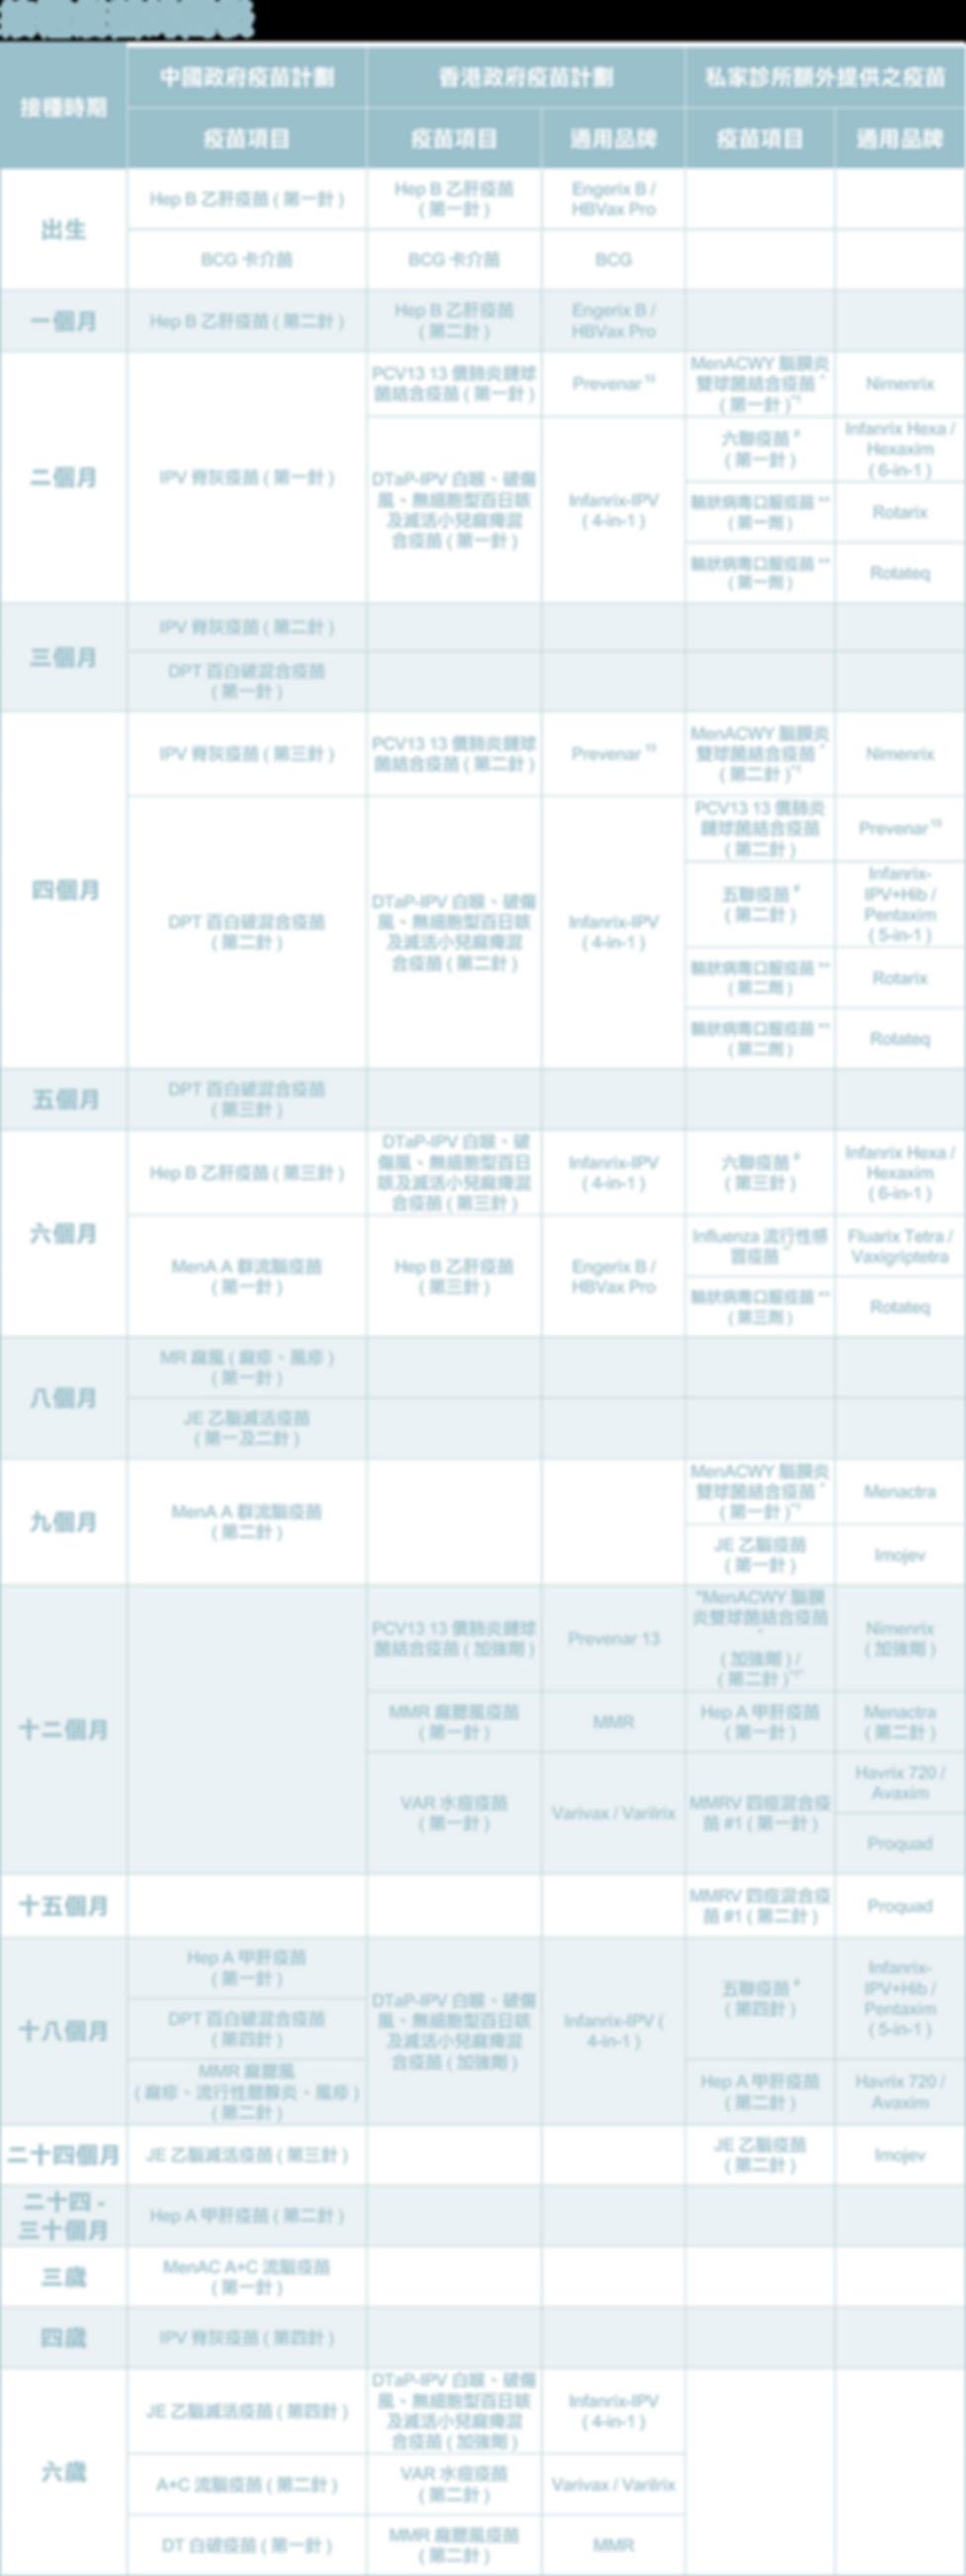 接種疫苗時間表.png